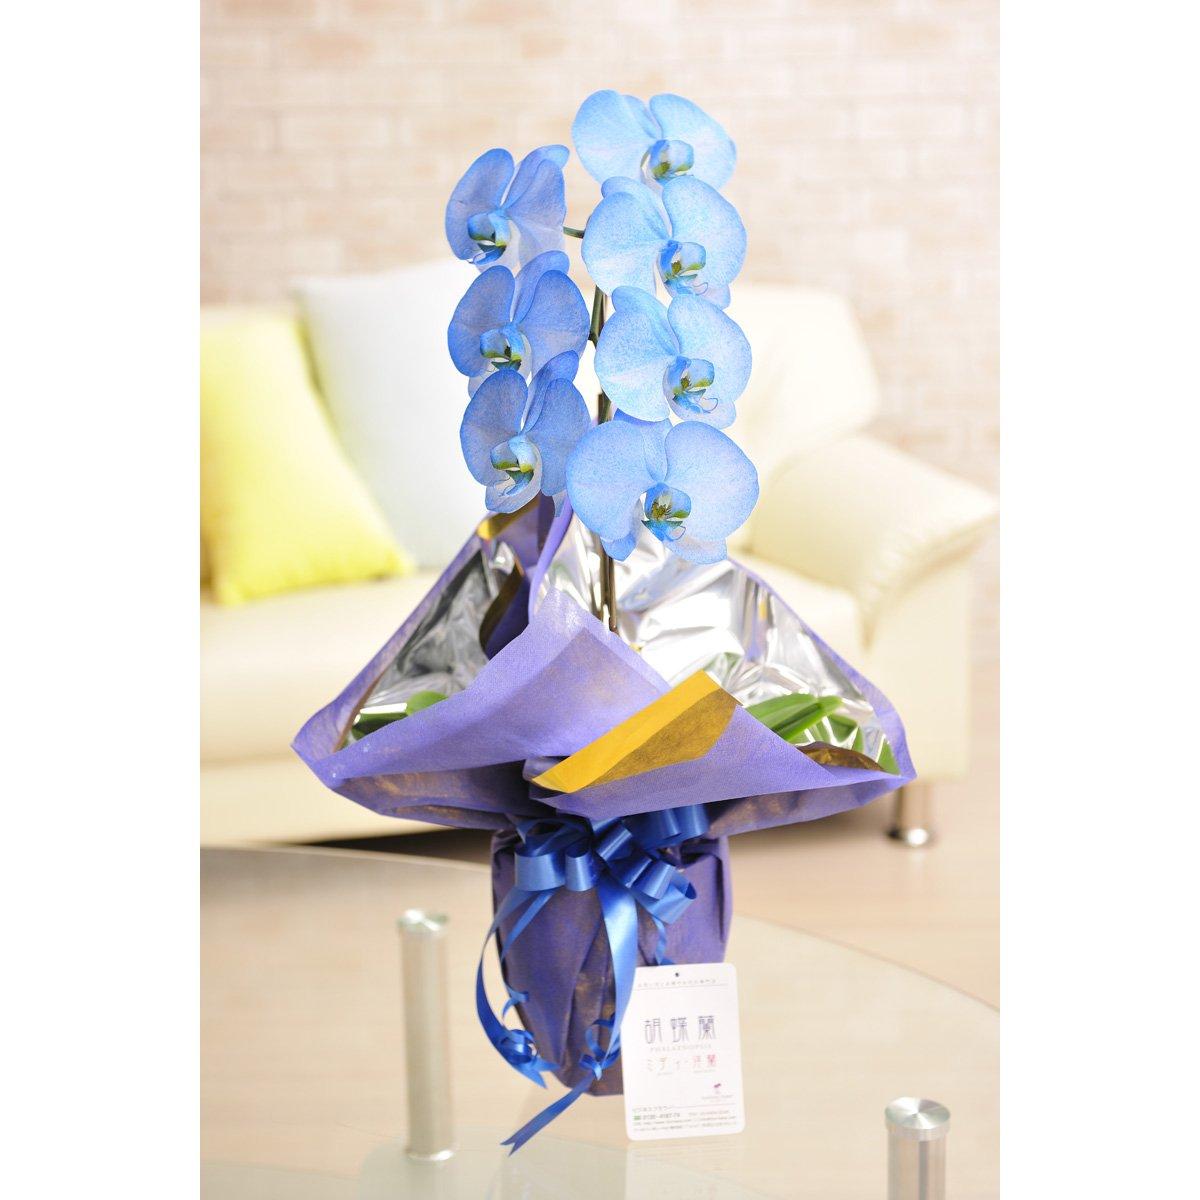 花とギフトのセット 選べる花色のカラー胡蝶蘭 彩 - irodori - 1本立 青(寒色系)とカタログギフト(ミストラル/マロウ) B07DLSBMVZ 青 青